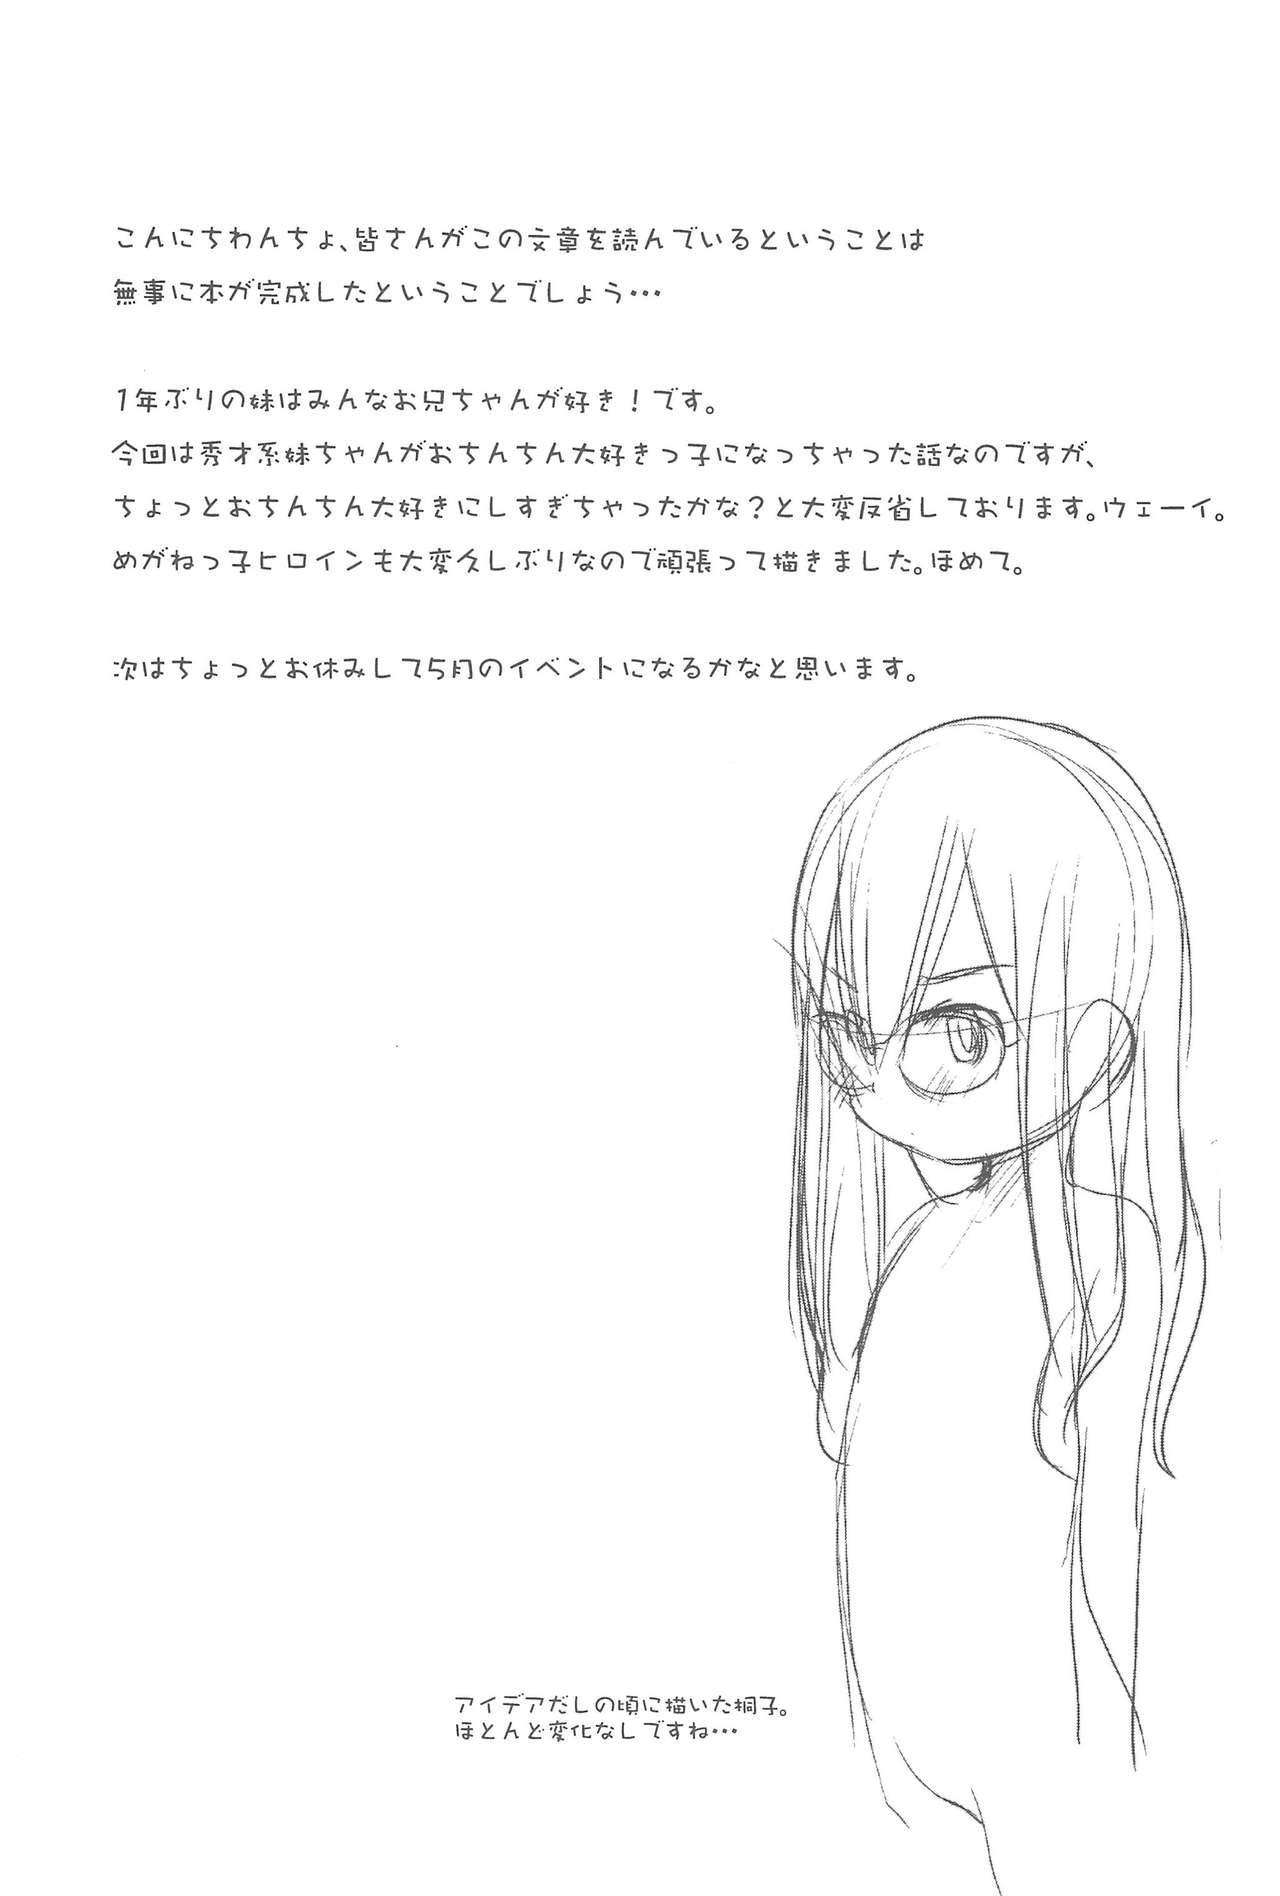 Imouto wa Minna Onii-chan ga Suki! 4 4